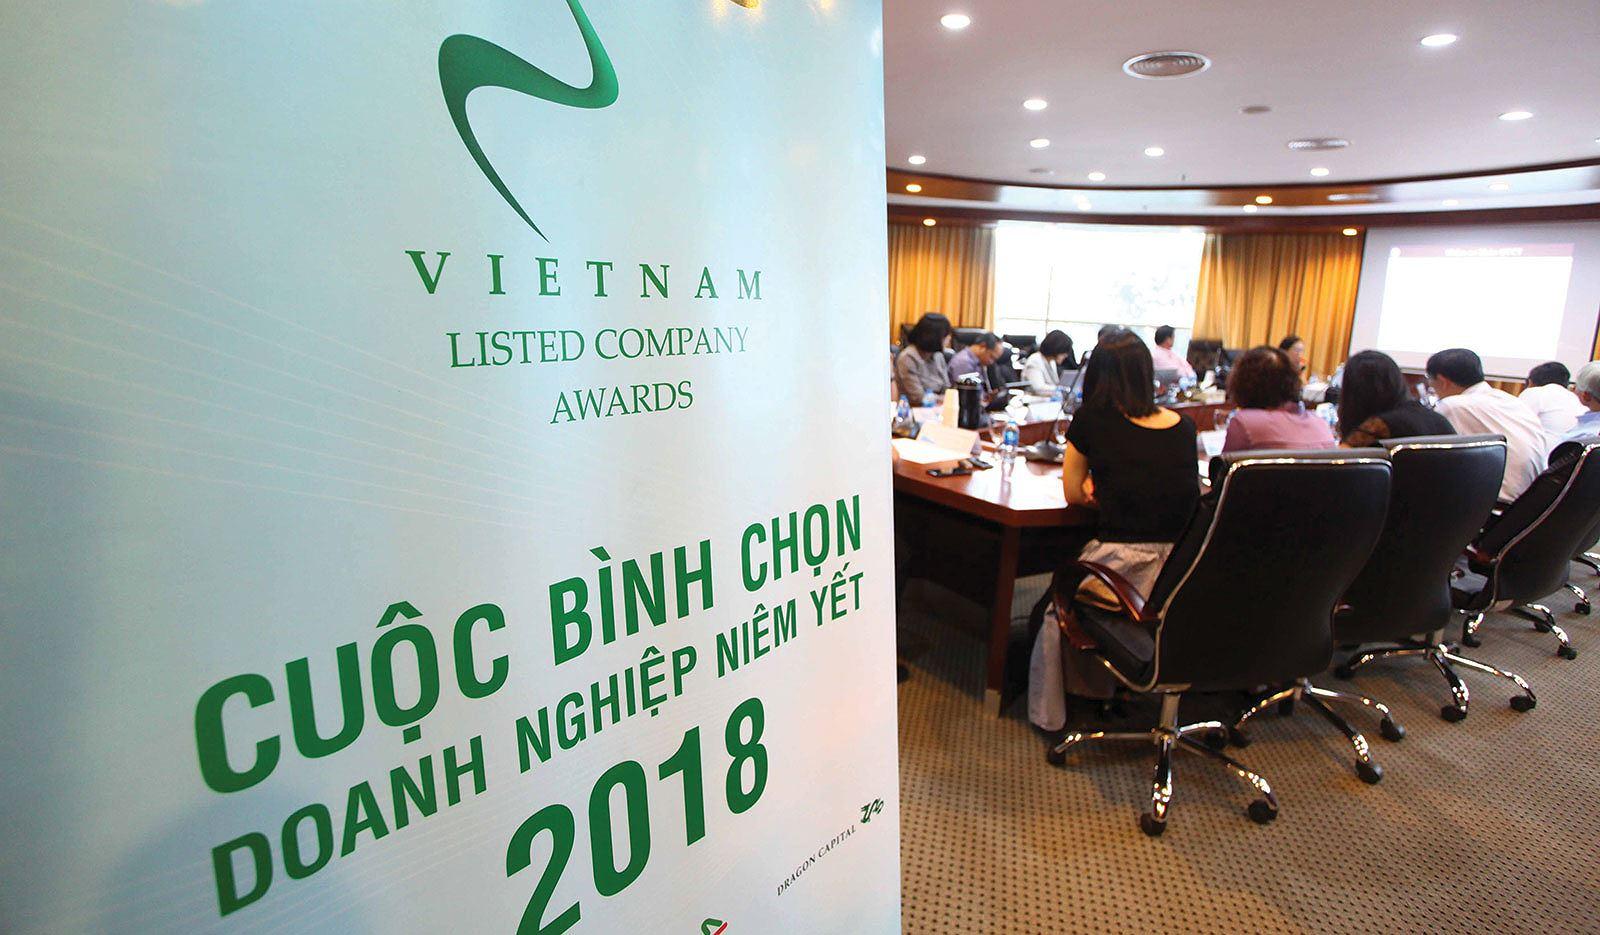 20181108-lap-bao-cao-thuong-nien-mot-so-diem-can-hoan-thien-1